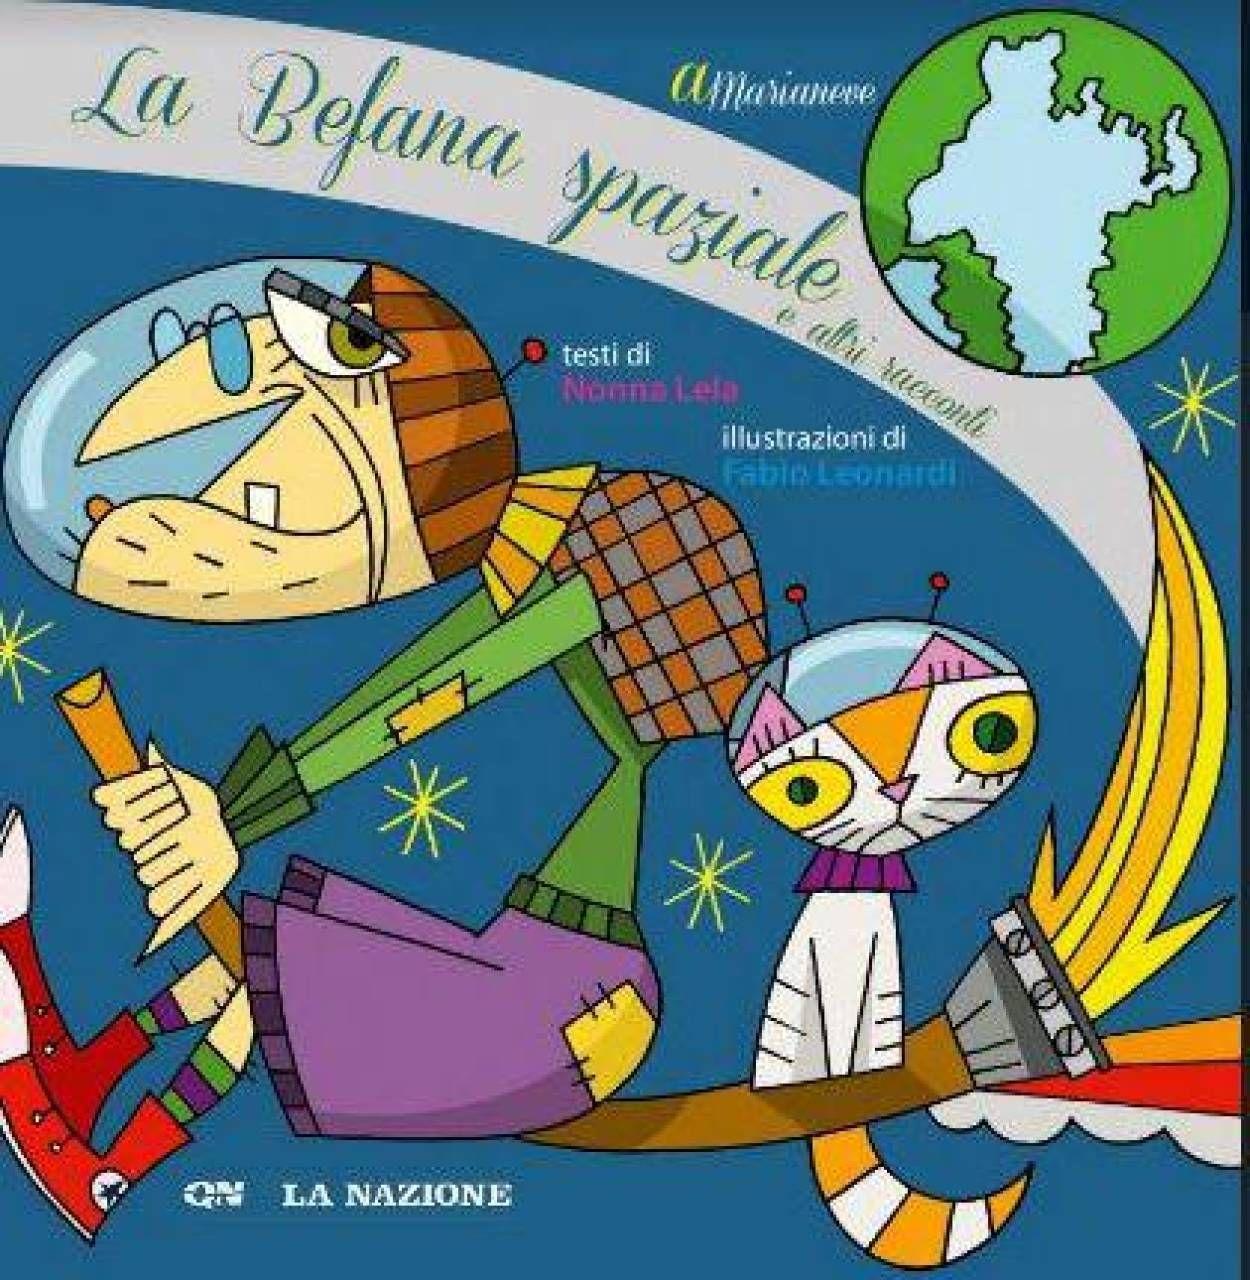 Patrizia Landucci (Gma onlus), la mamma di Marianeve Elisa Cacelli e la nonna Daniela Marrazzini con il libro 2020 «La Befana Spaziale e altri racconti»